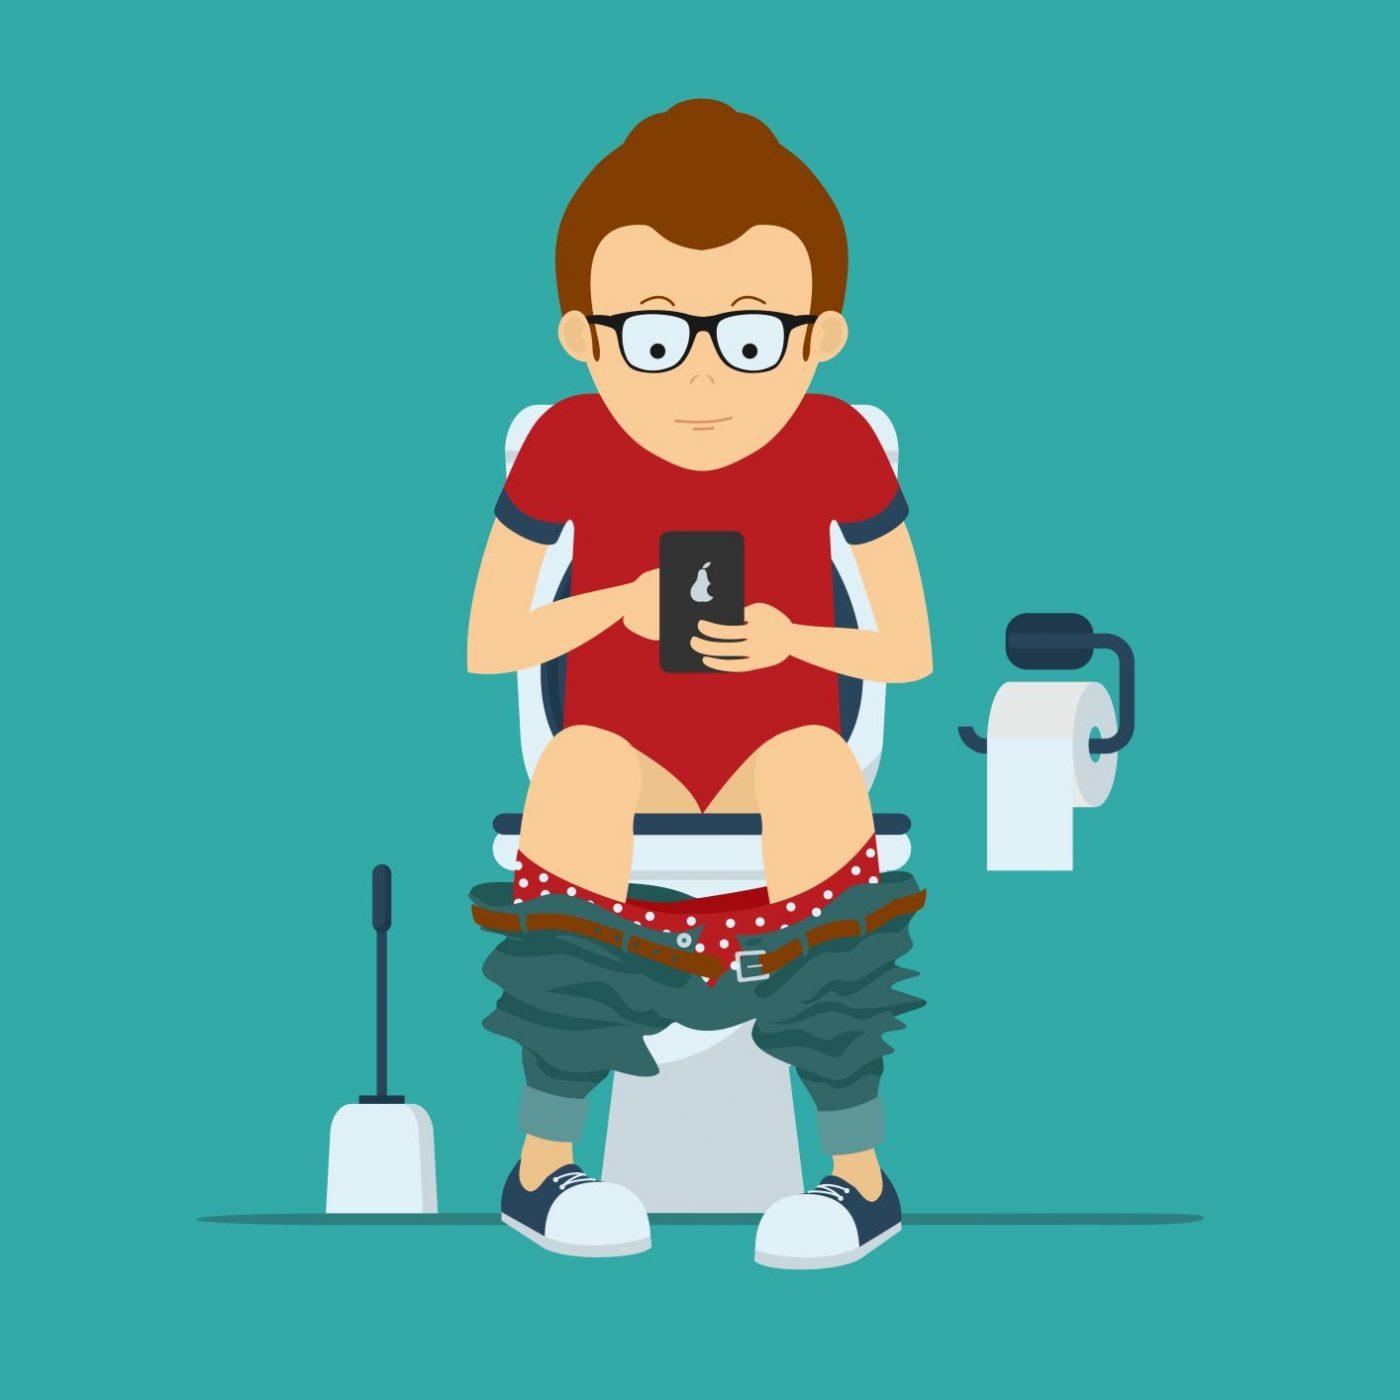 7 fois plus de bactéries sur votre téléphone que sur la cuvette des toilettes